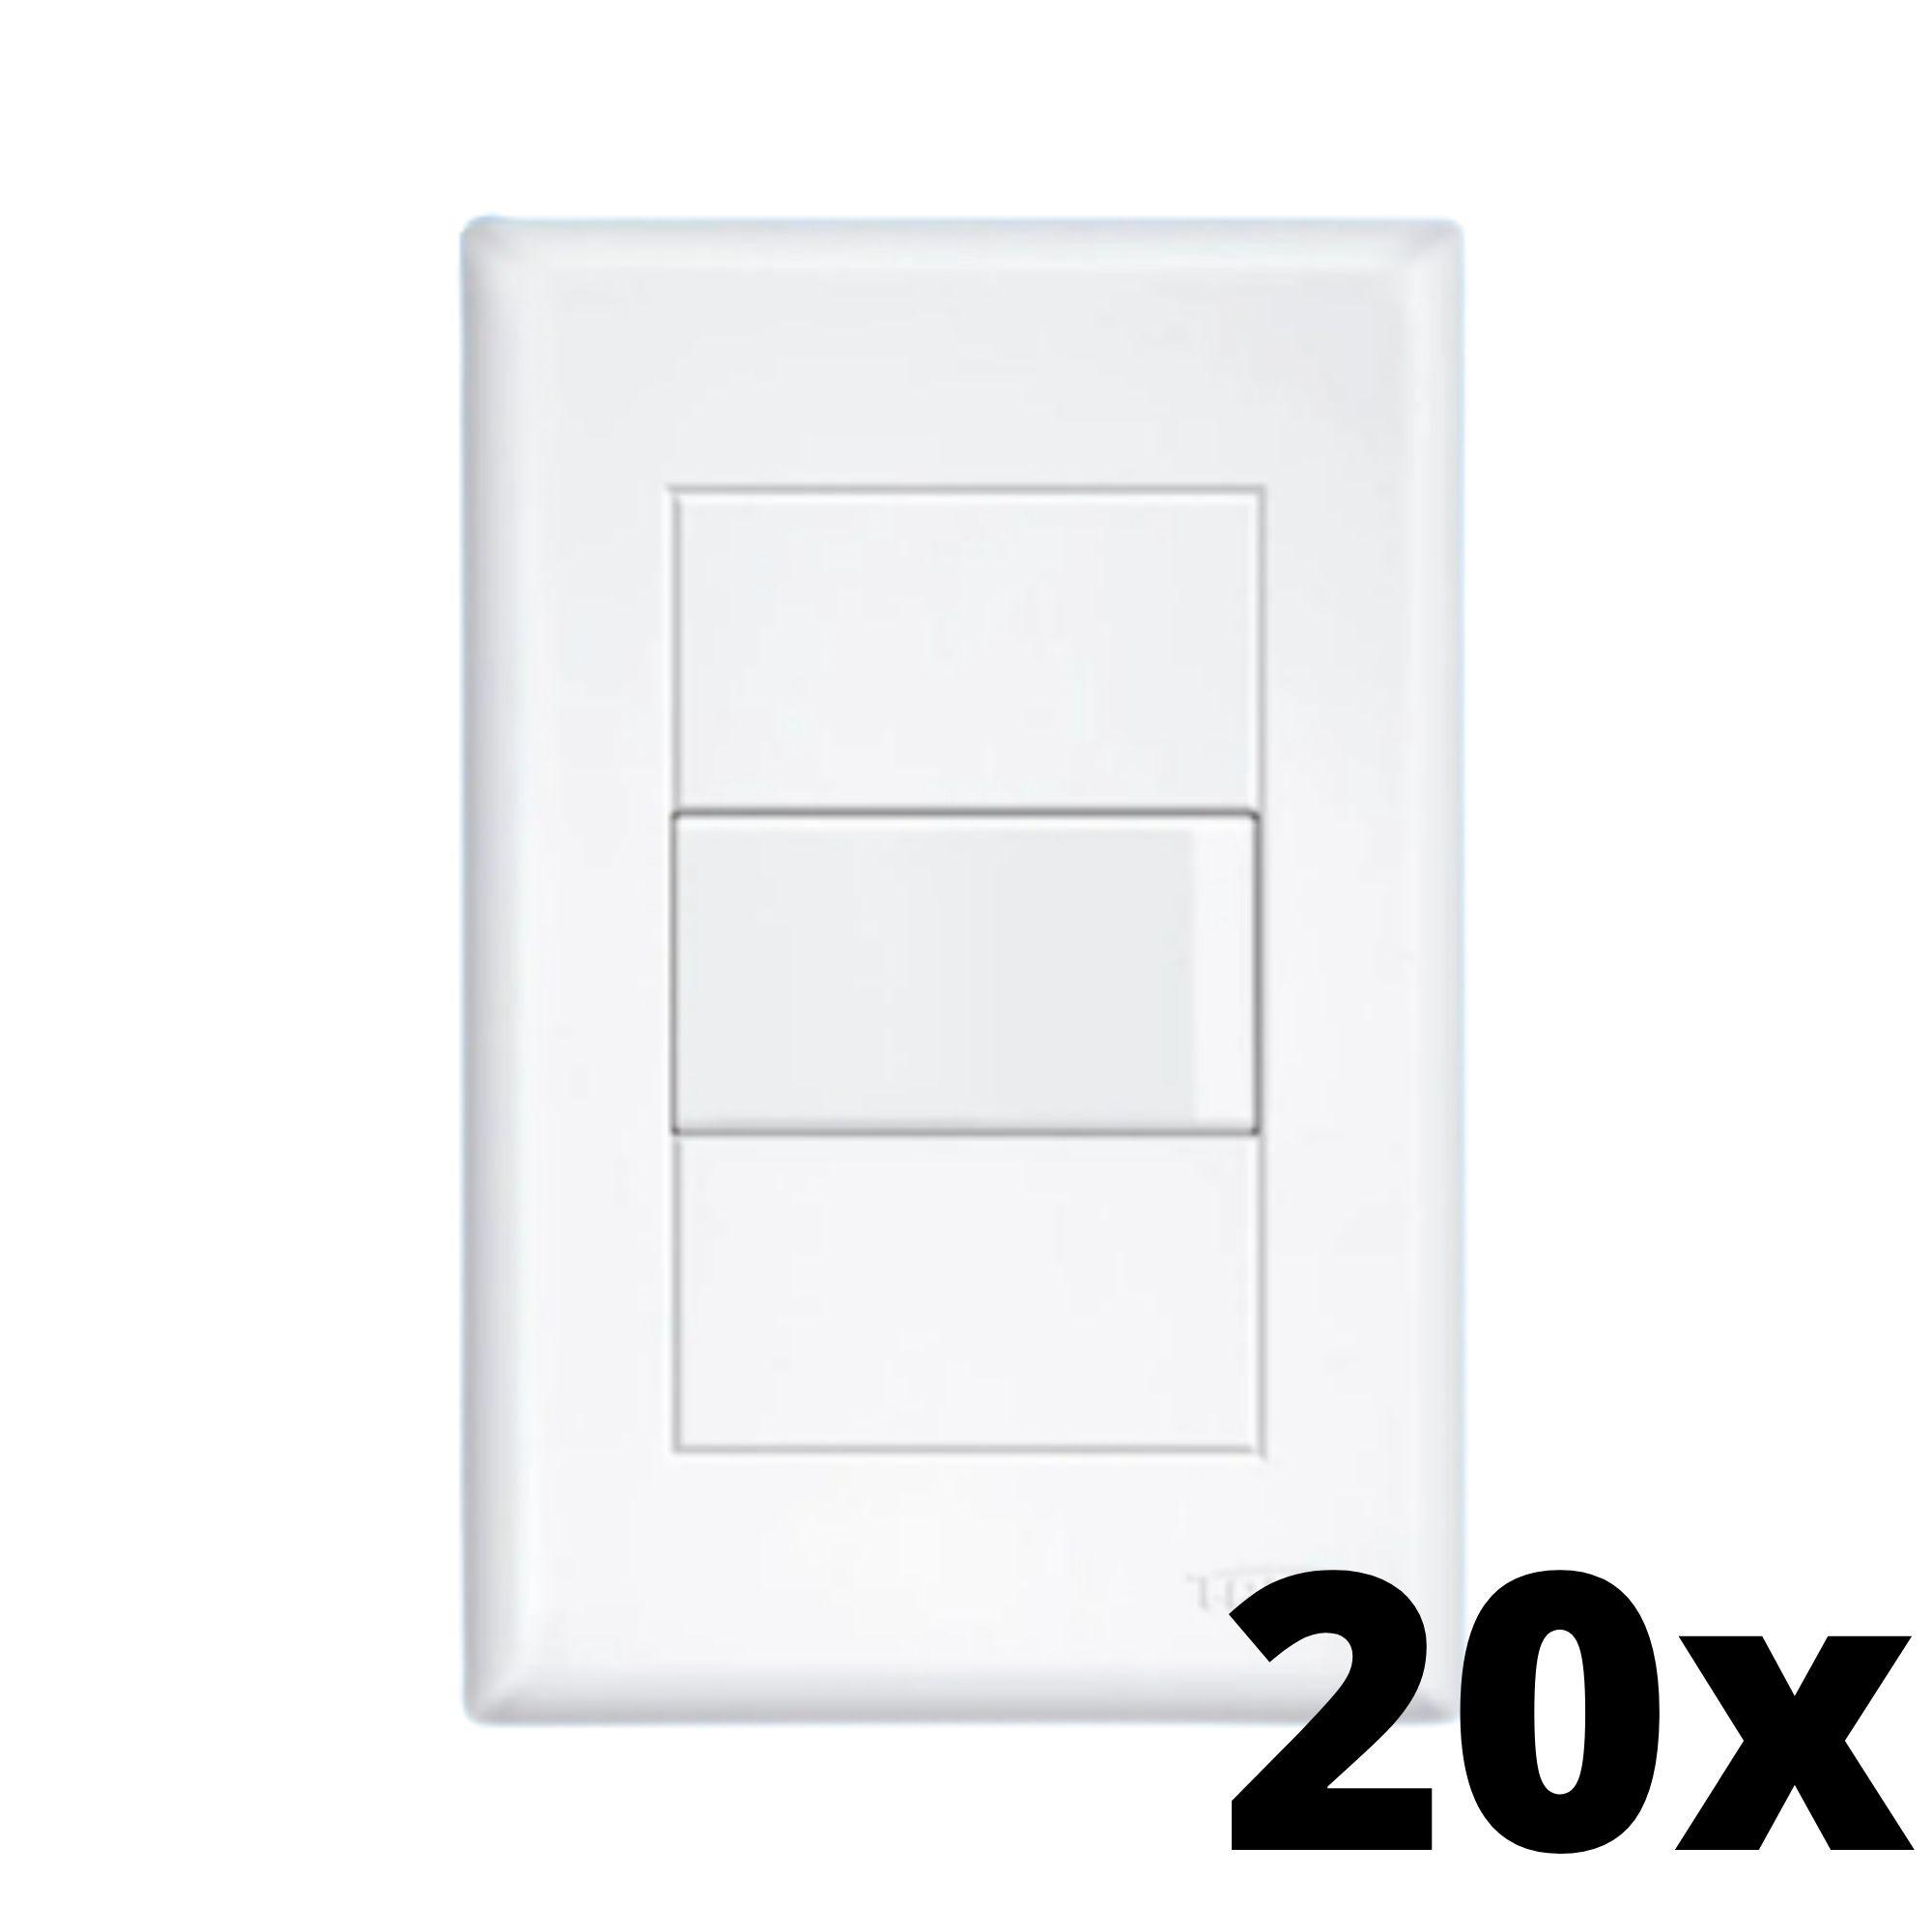 Kit 20 und Evidence 1 Seção de Interruptor Simples Com Placa